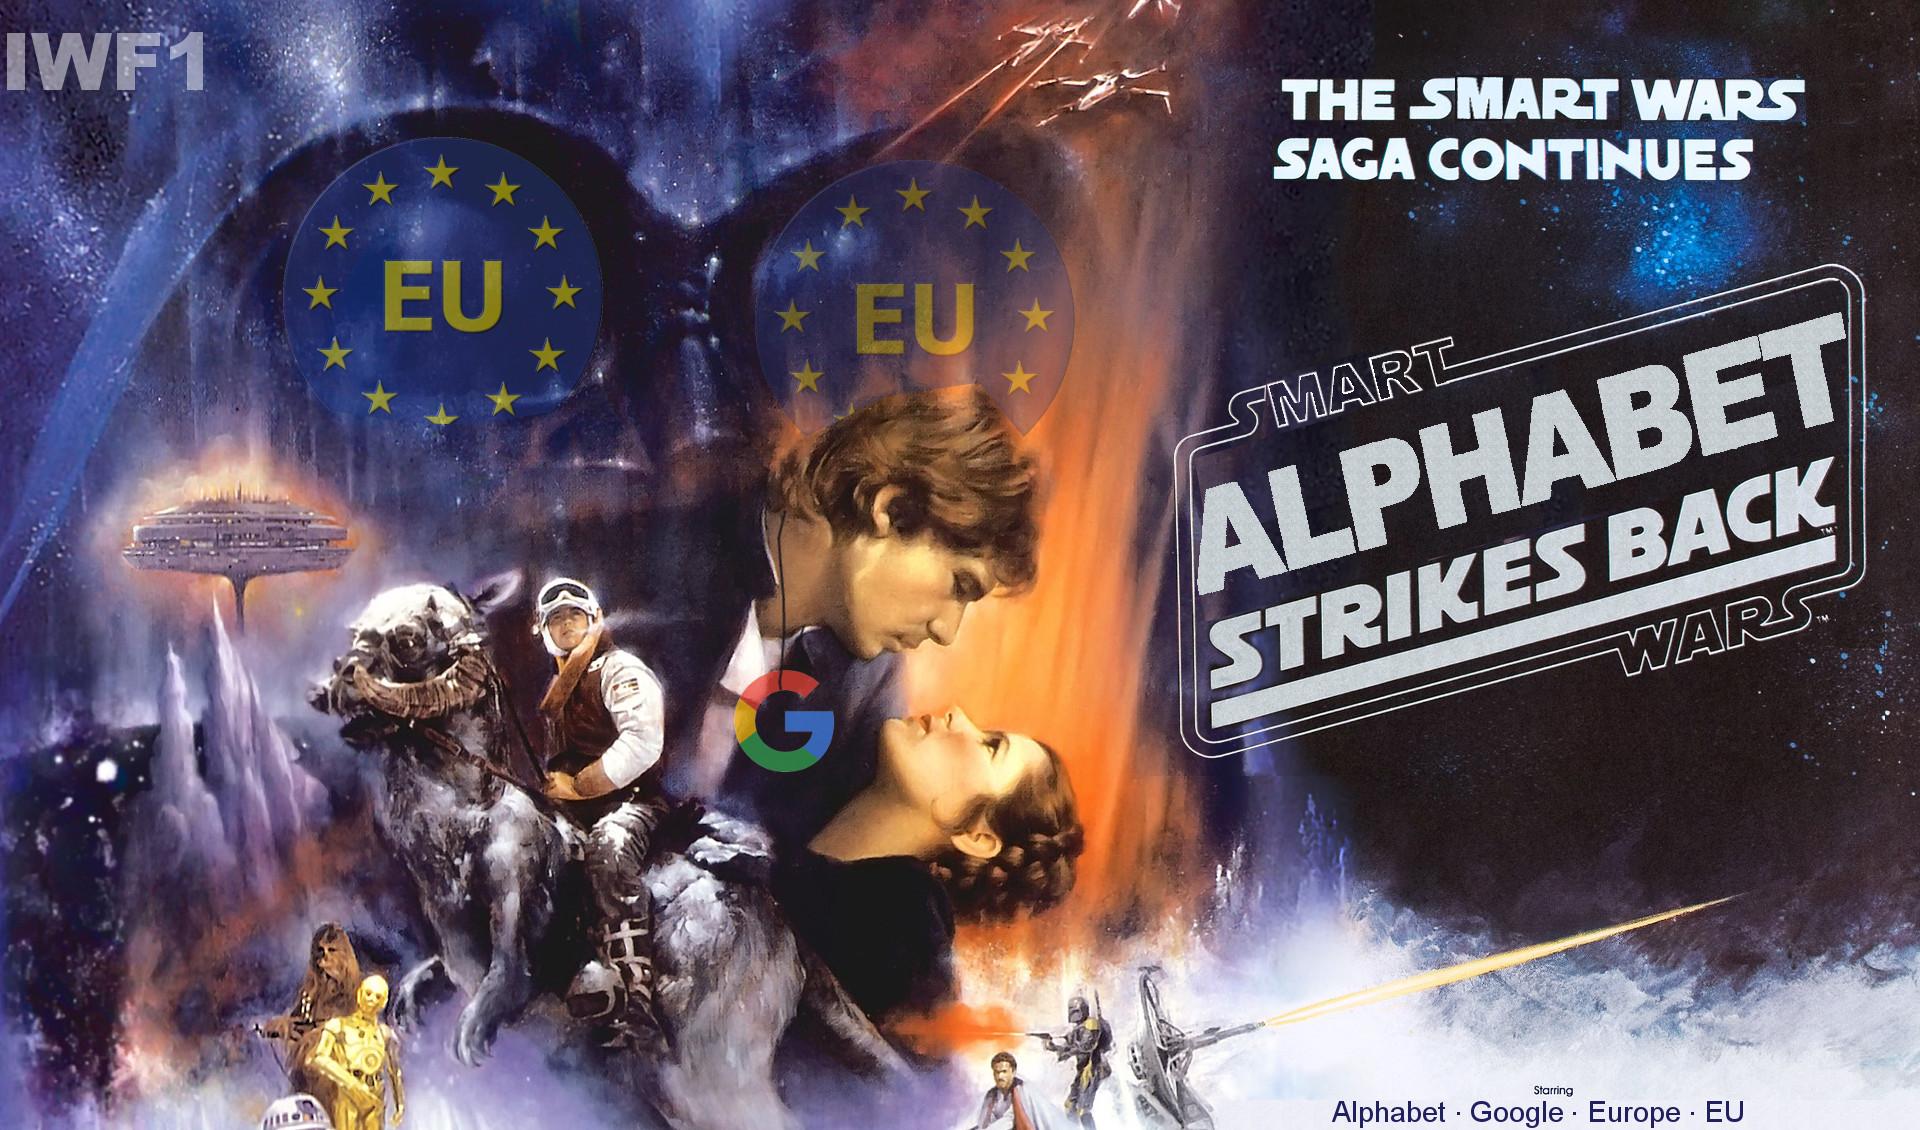 Google VS EU: Alphabet strikes back